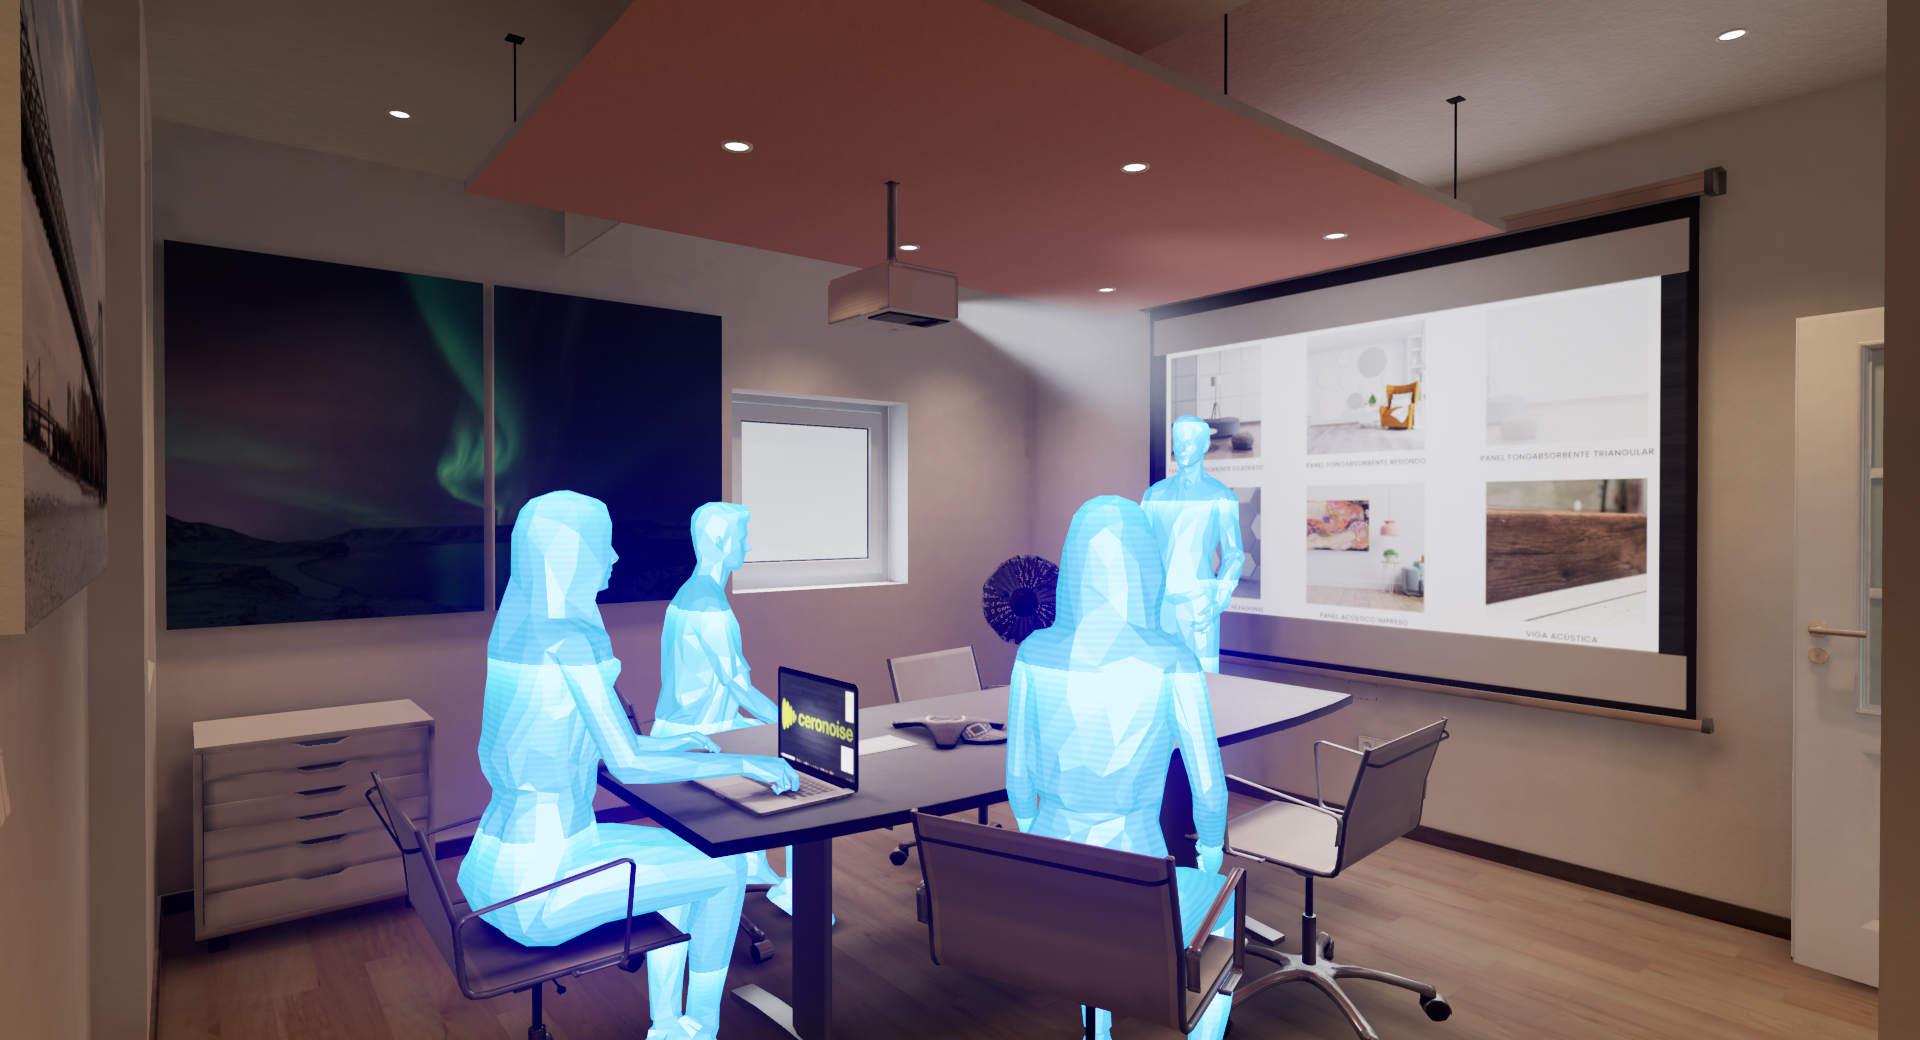 Ceronoise VR